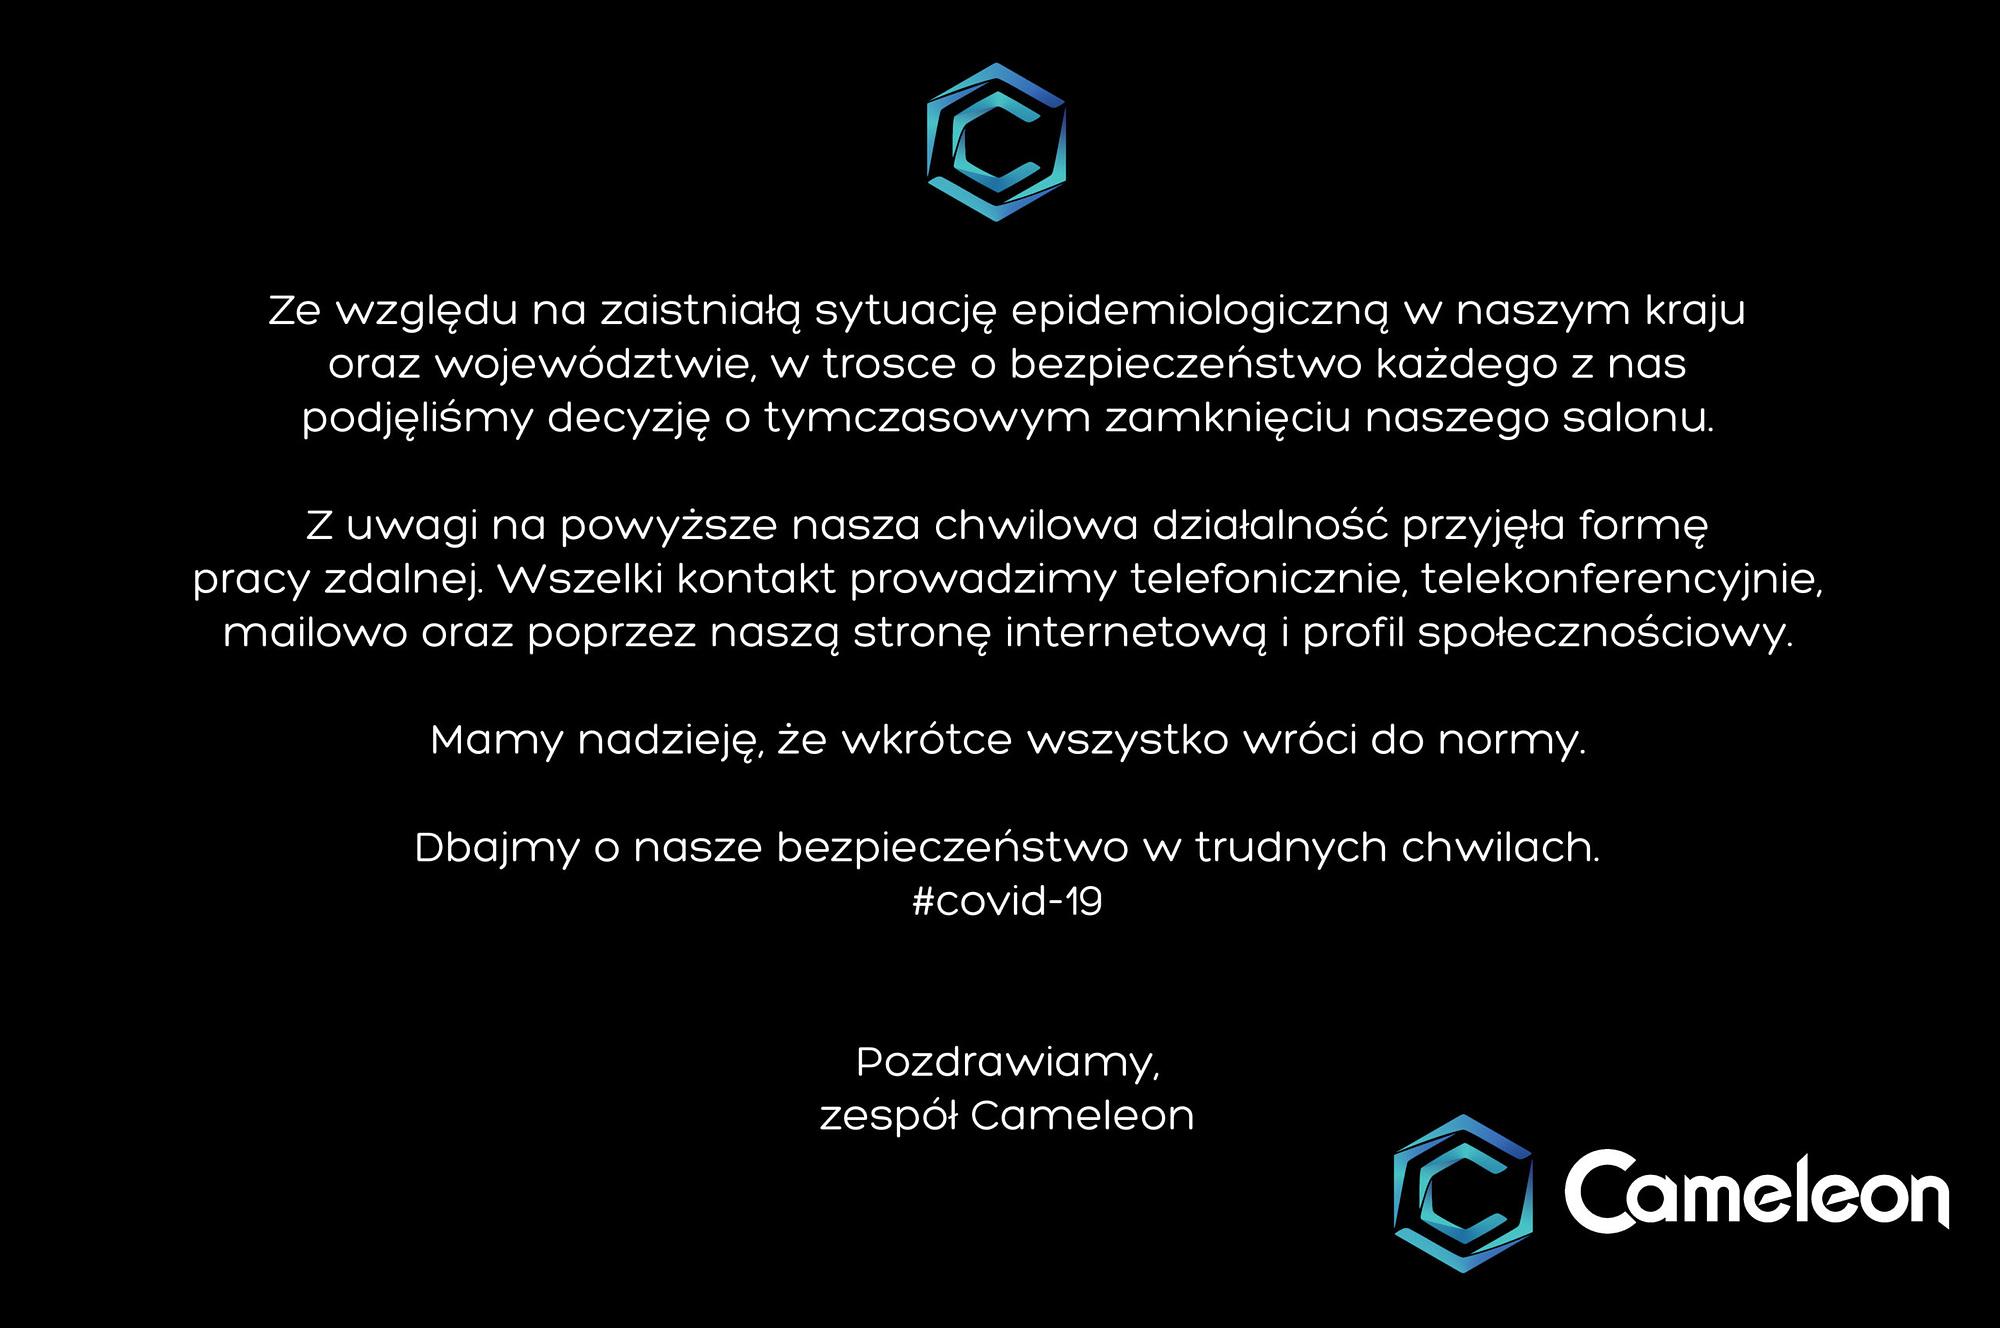 Stanowisko w sprawie #covid_19